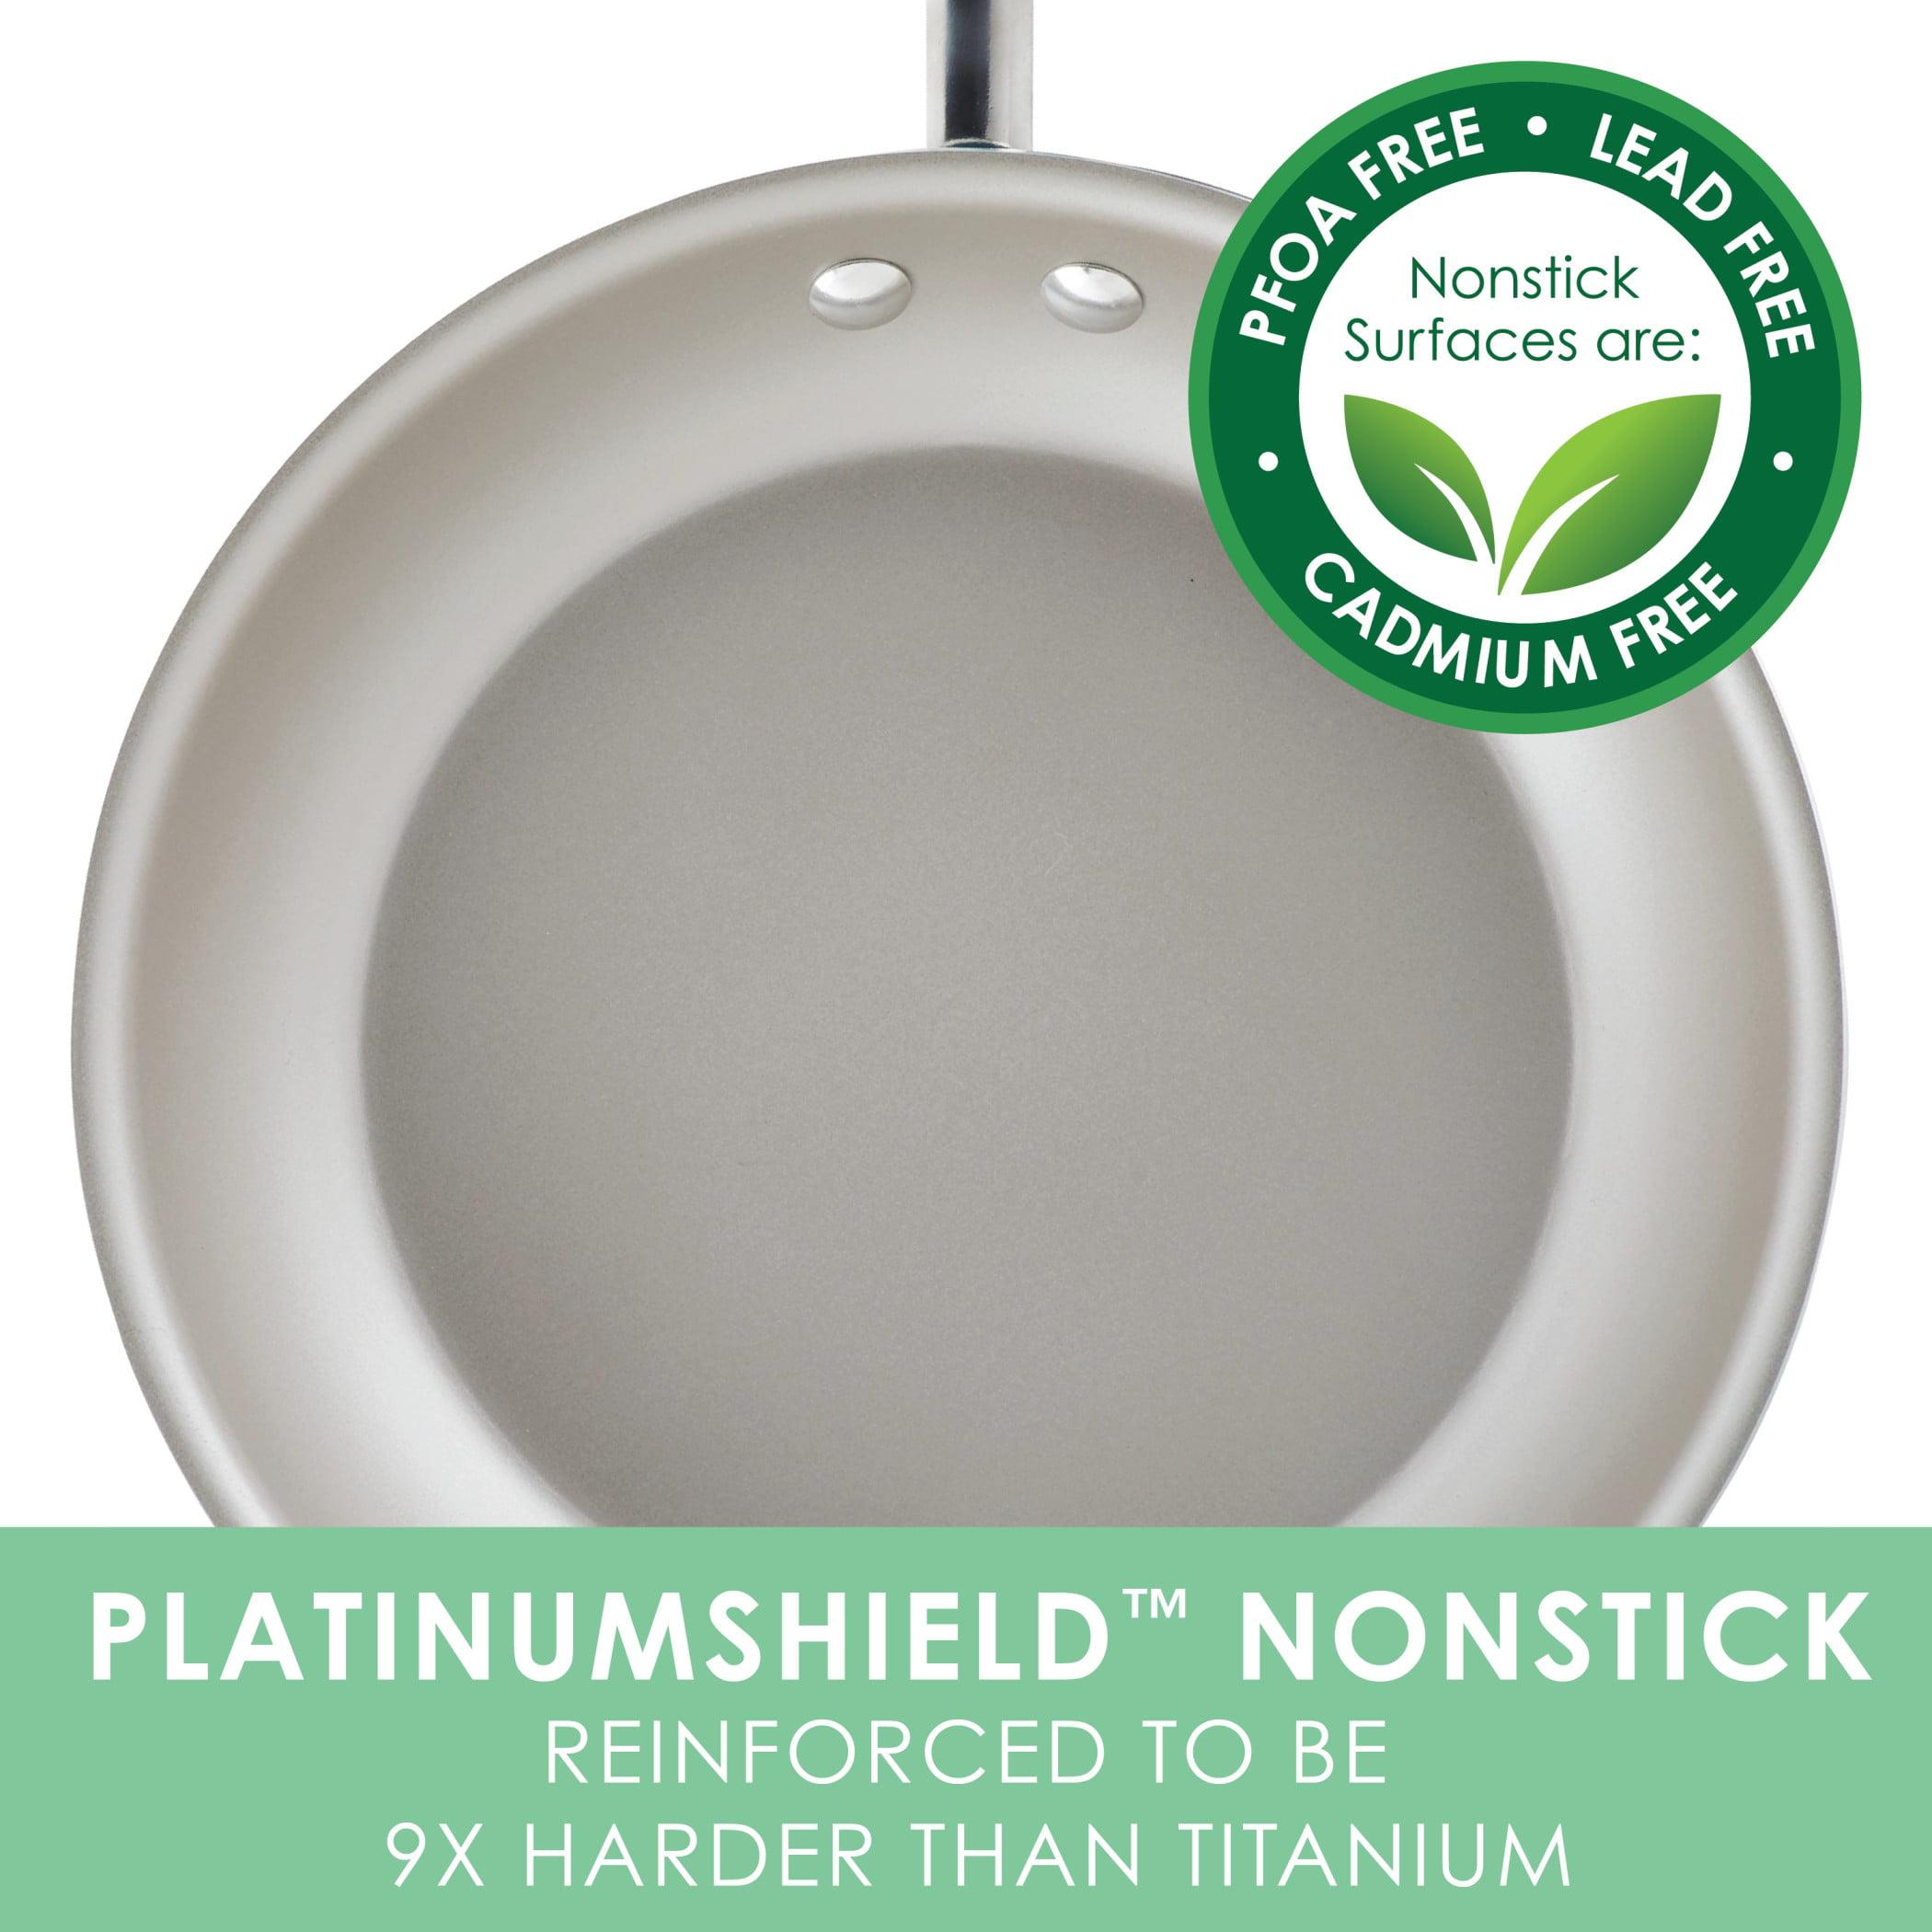 Sensational Rachael Ray Get Cooking 6 Quart Aluminum Nonstick Stockpot Gamerscity Chair Design For Home Gamerscityorg